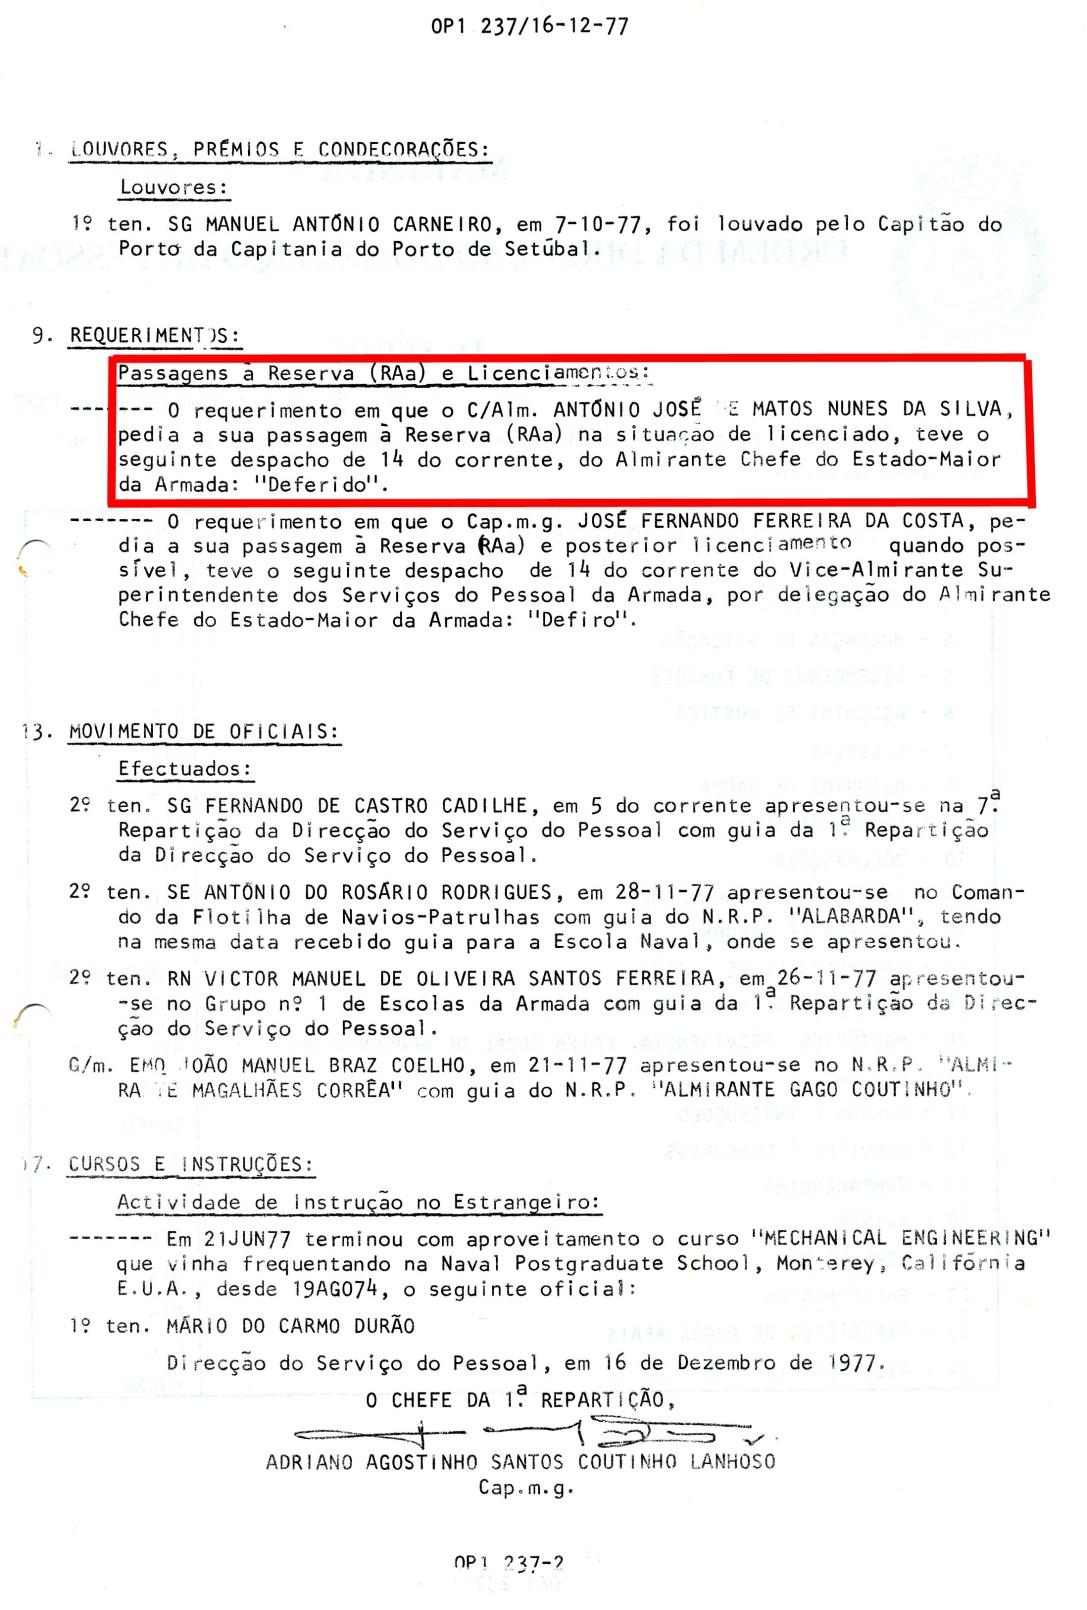 00878 977-12-16 publicação do despacho DEFERIDO no próprio dia 14 do requerimento -OP1 237